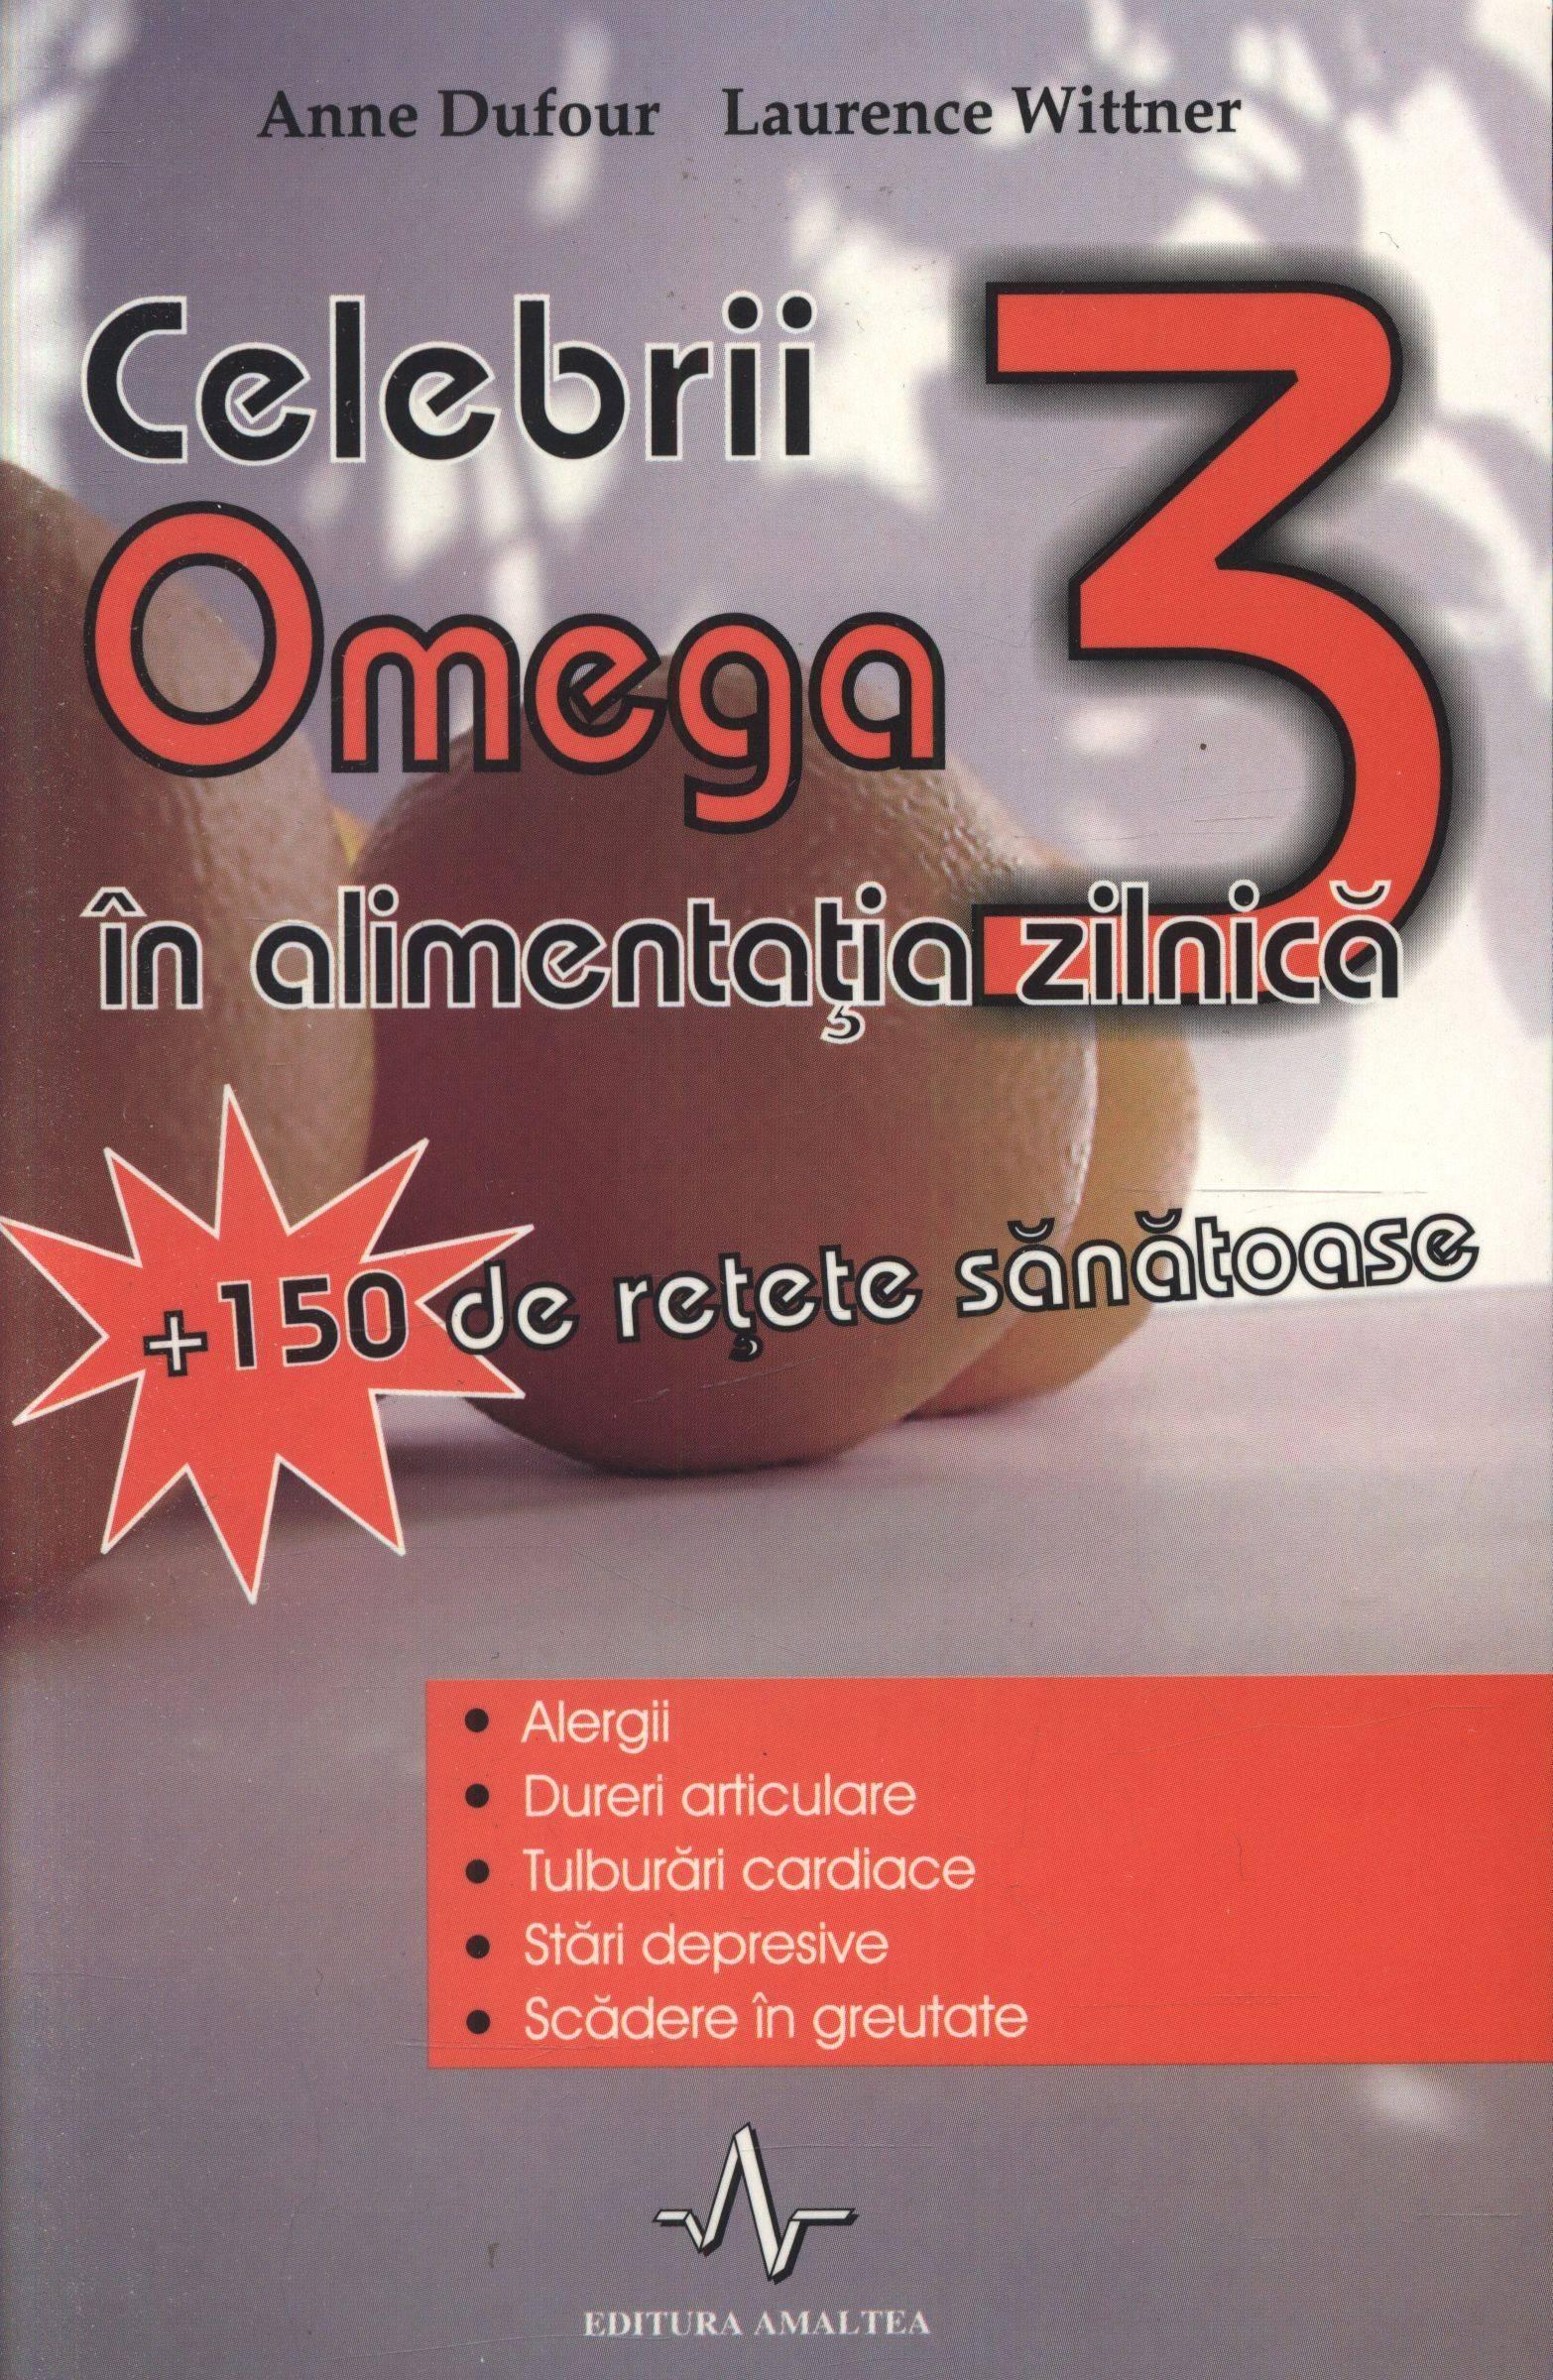 Celebrii Omega 3 în alimentația zilnică + 150 de rețete sănătoase - Anne Dufour, Laurence Wittner